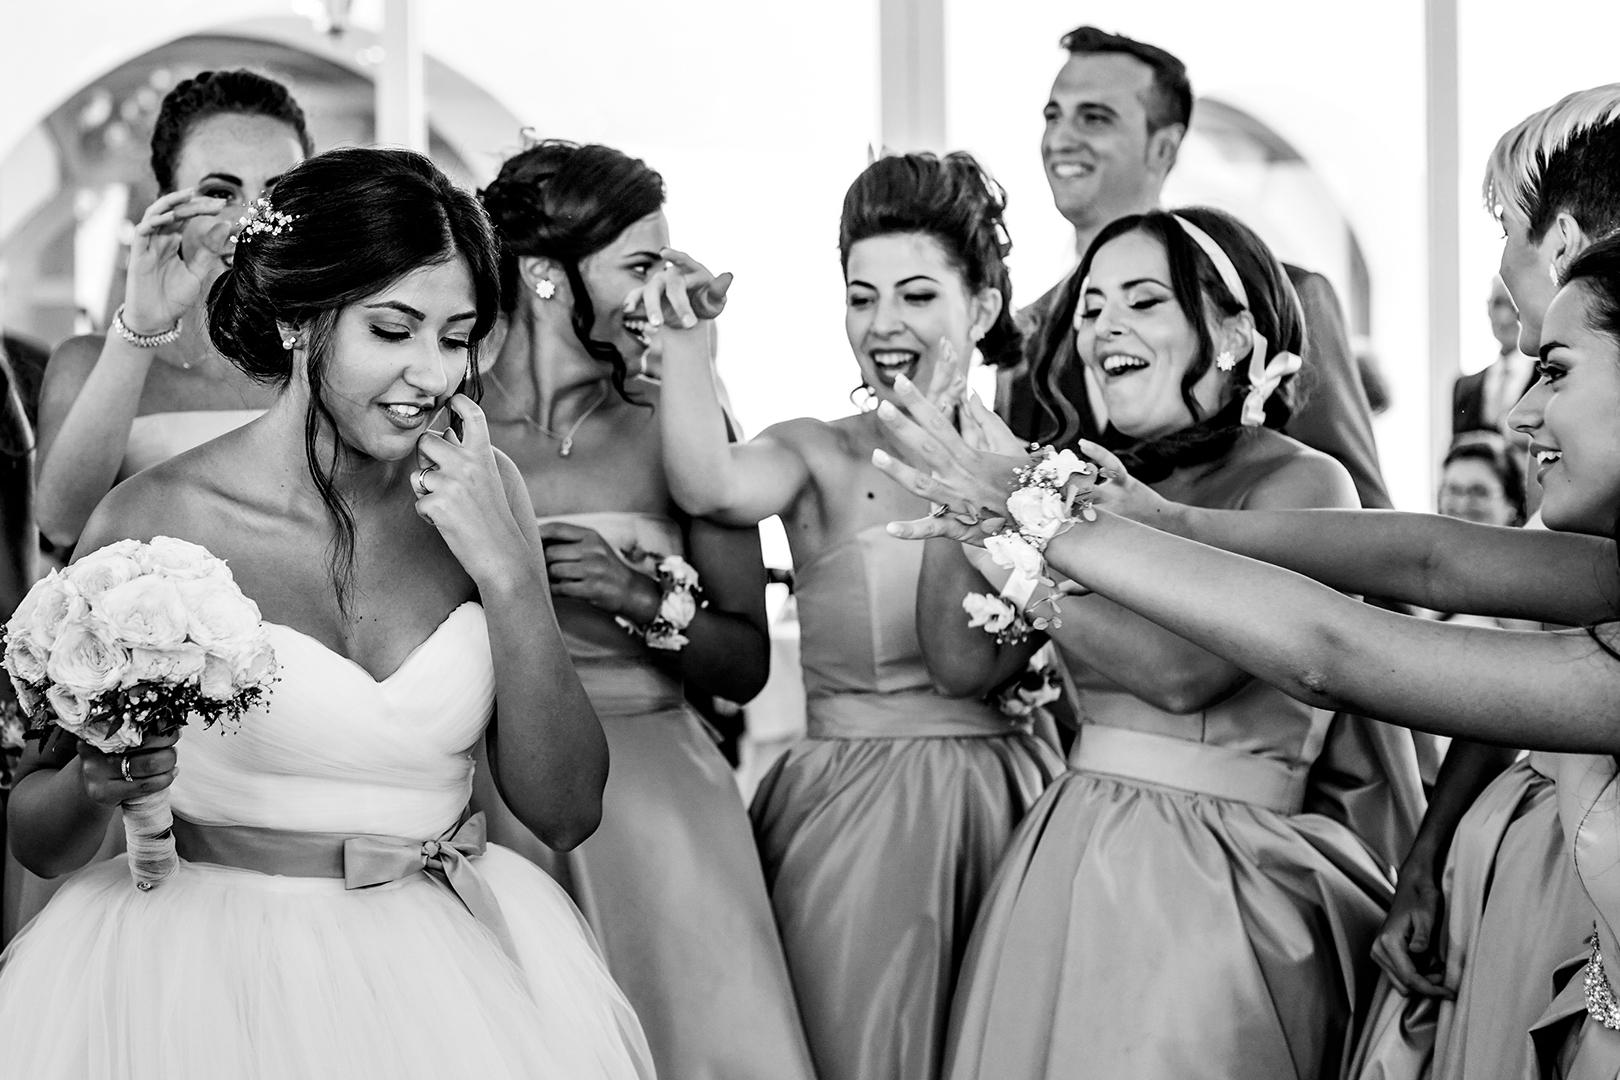 51 gianni-lepore-wedding-sposi-torre-andriana-foggia-ballo-damigelle-bride